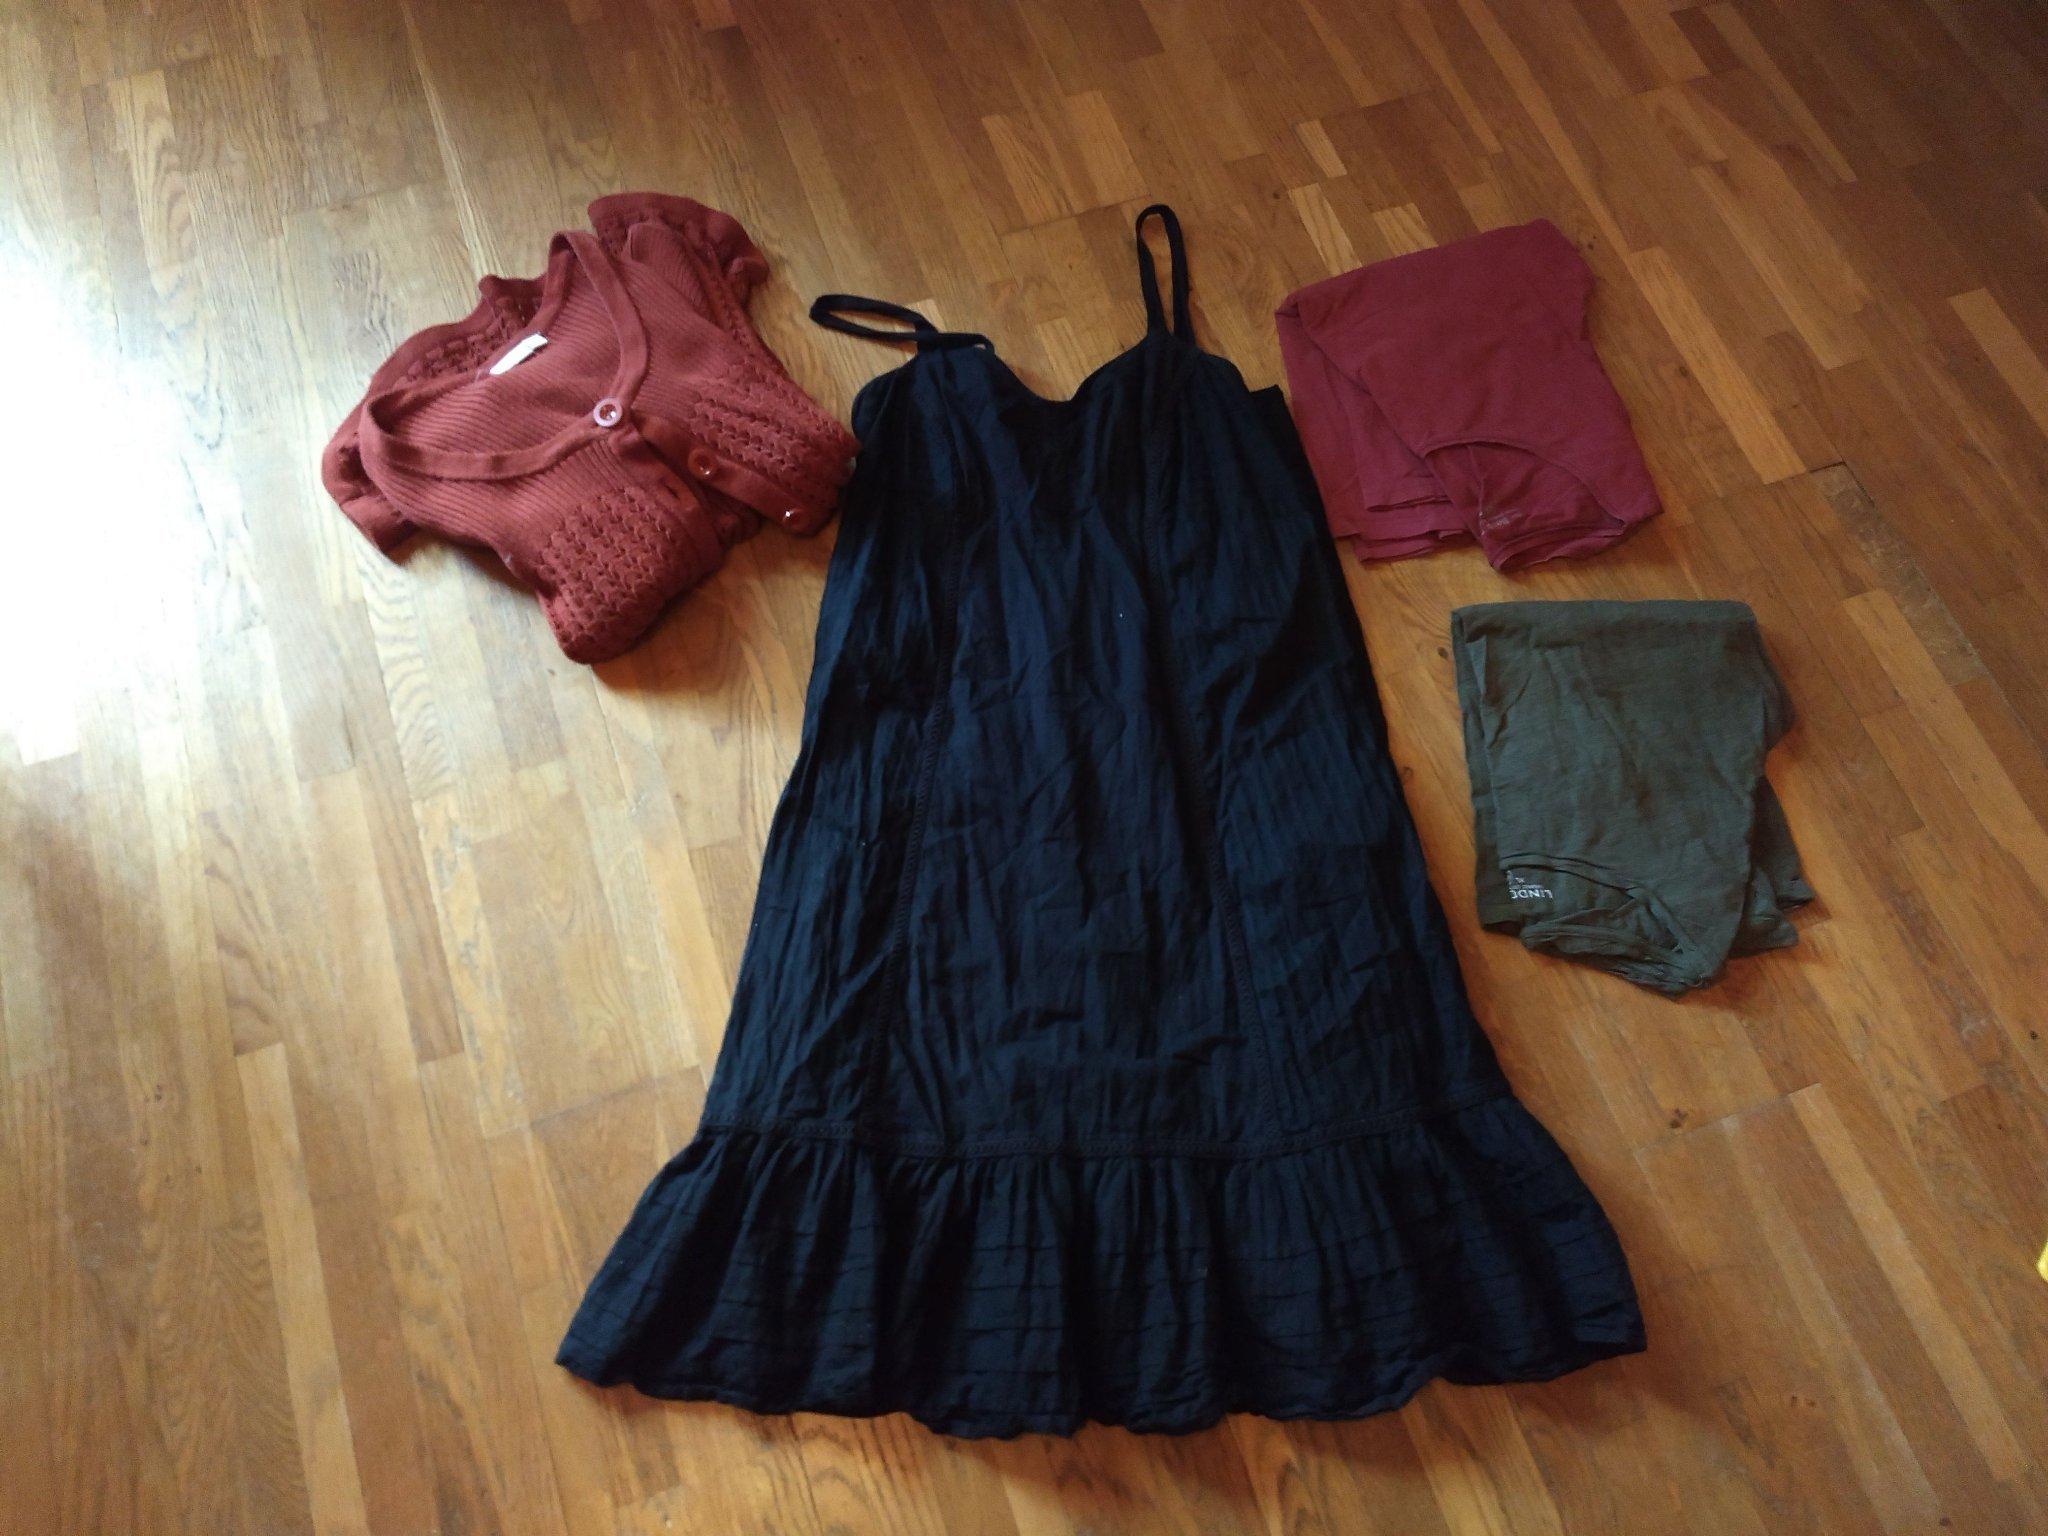 0caf8120a00a Paket med klänning, kofta och tröjor i storlek .. (354579088) ᐈ Köp ...